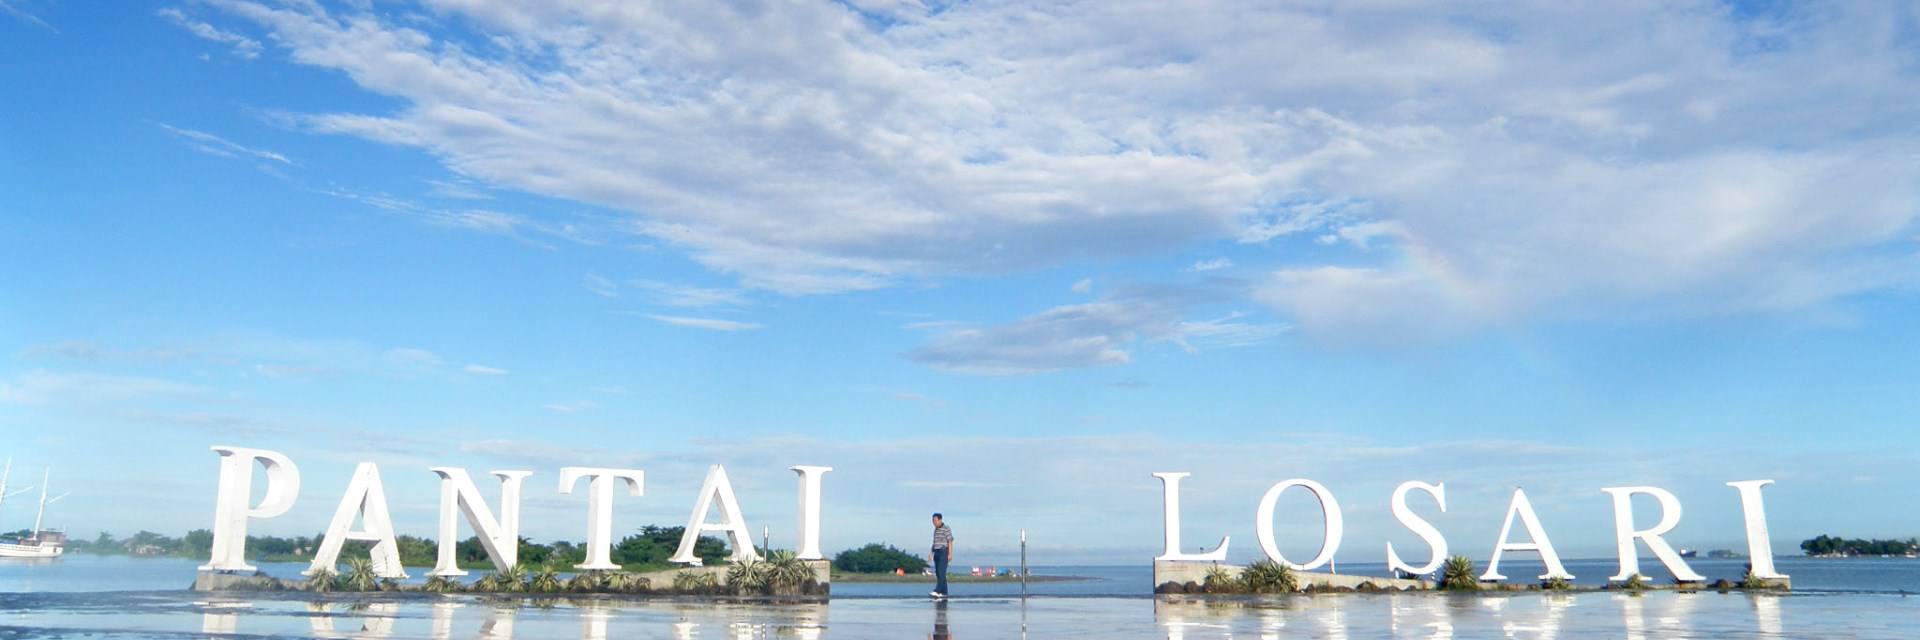 10 Wisata Alam Makassar 10 Wisata Alam Makassar - Dolan Dolen